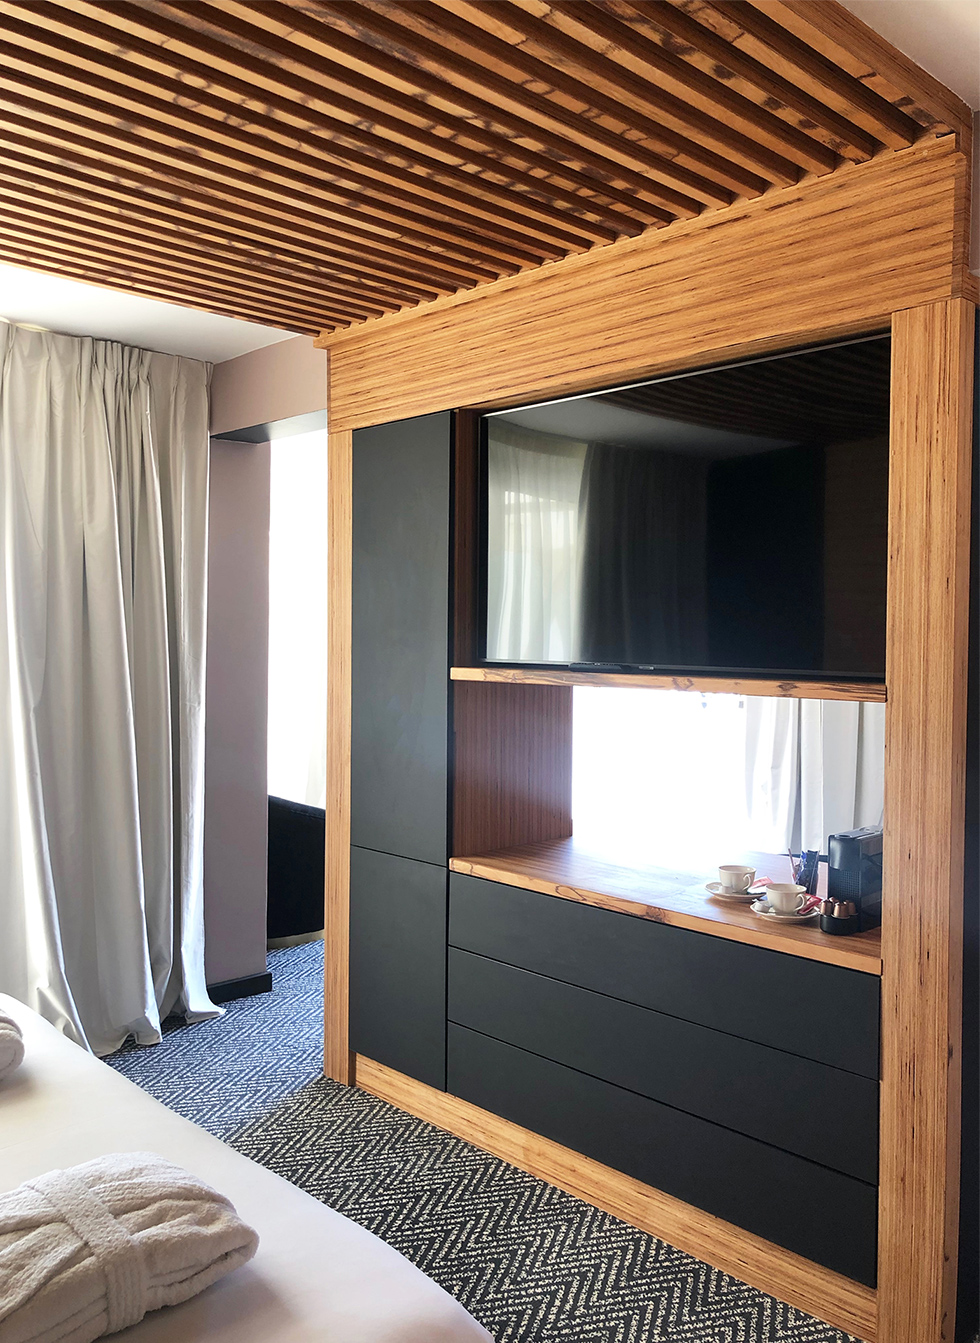 Suite luxe : meuble cloison sur mesure